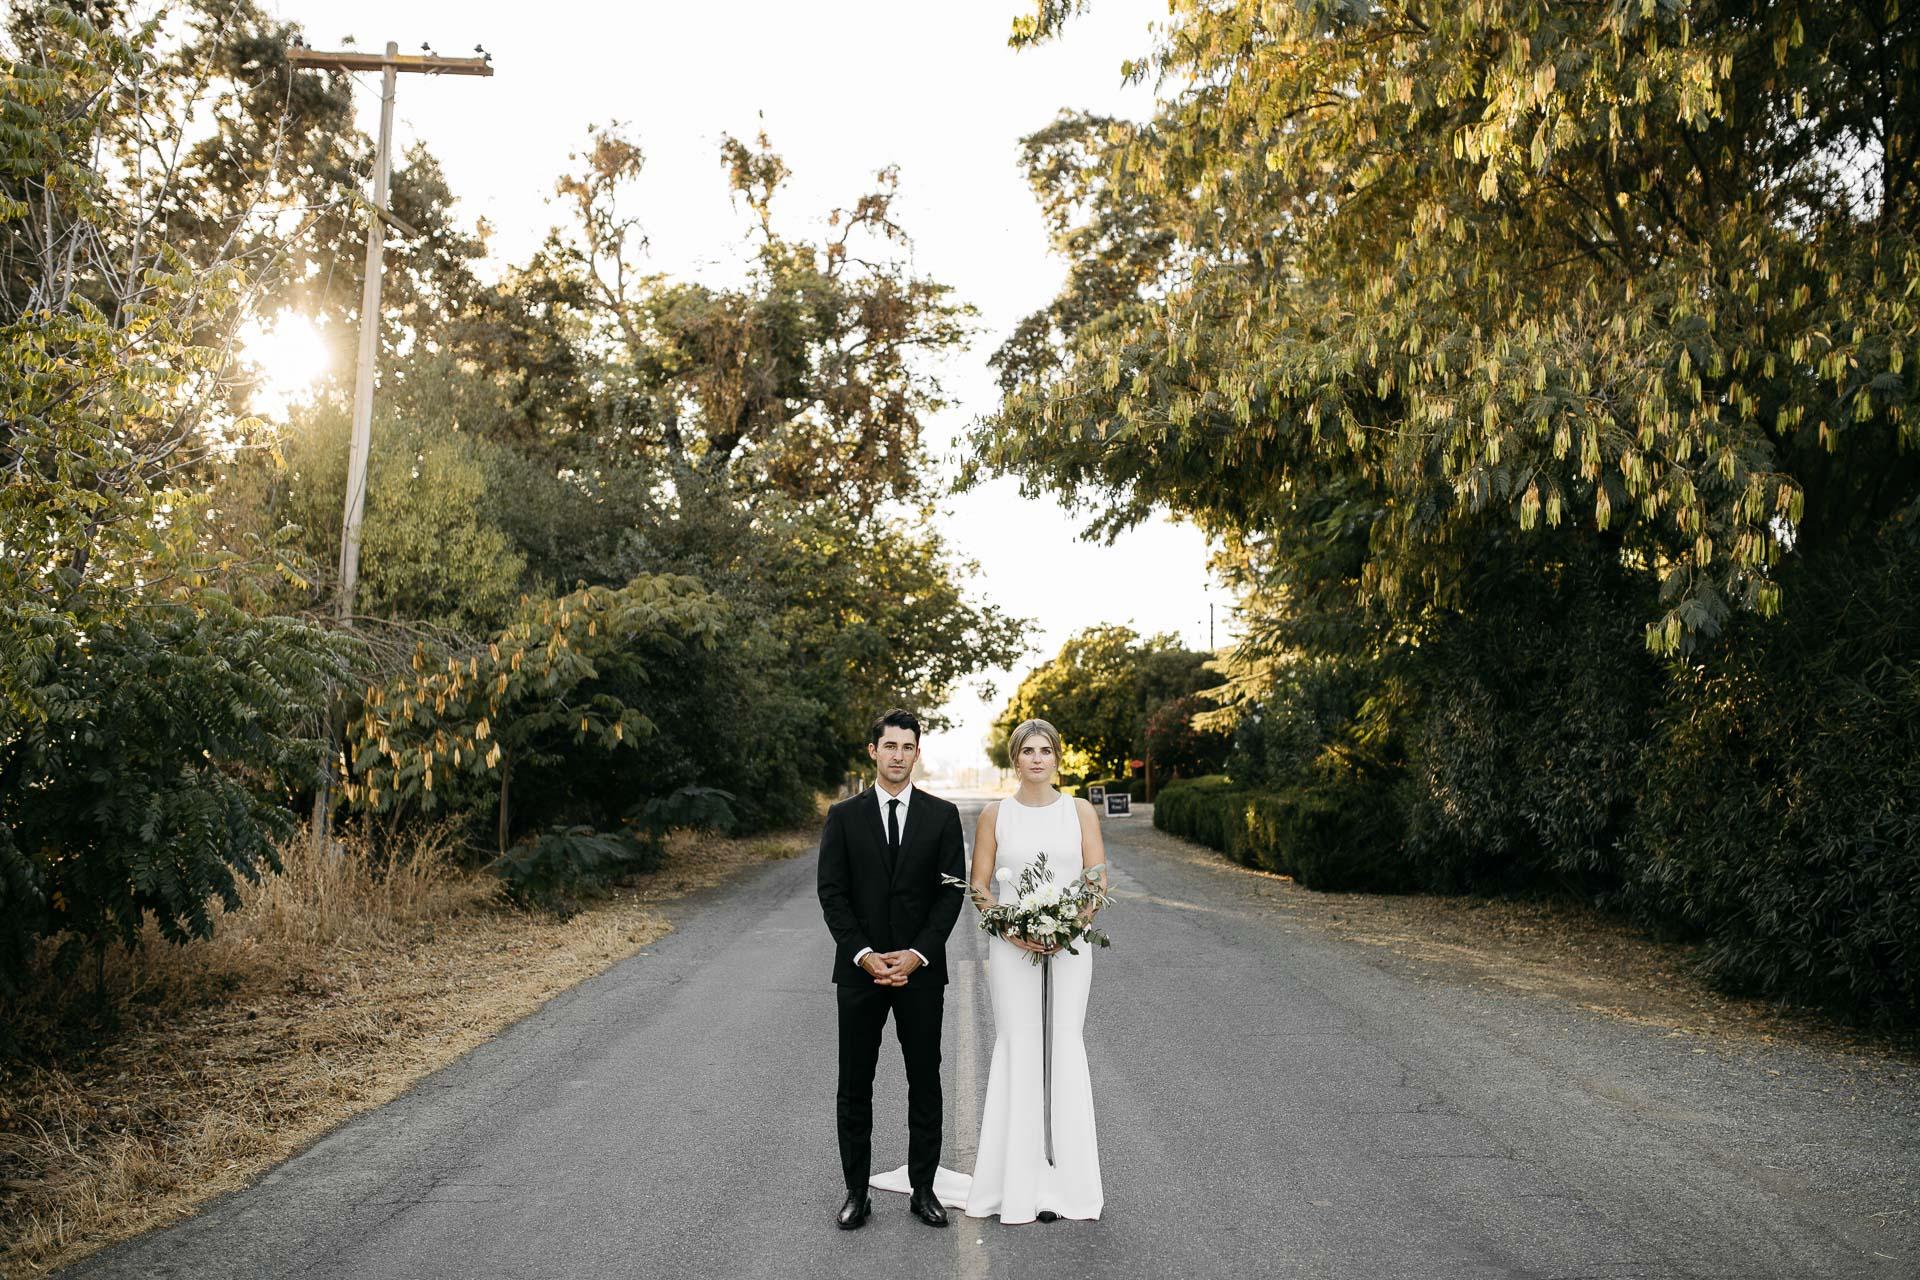 lauren_graham_wedding_california_park_winters_jeanlaurentgaudy_058